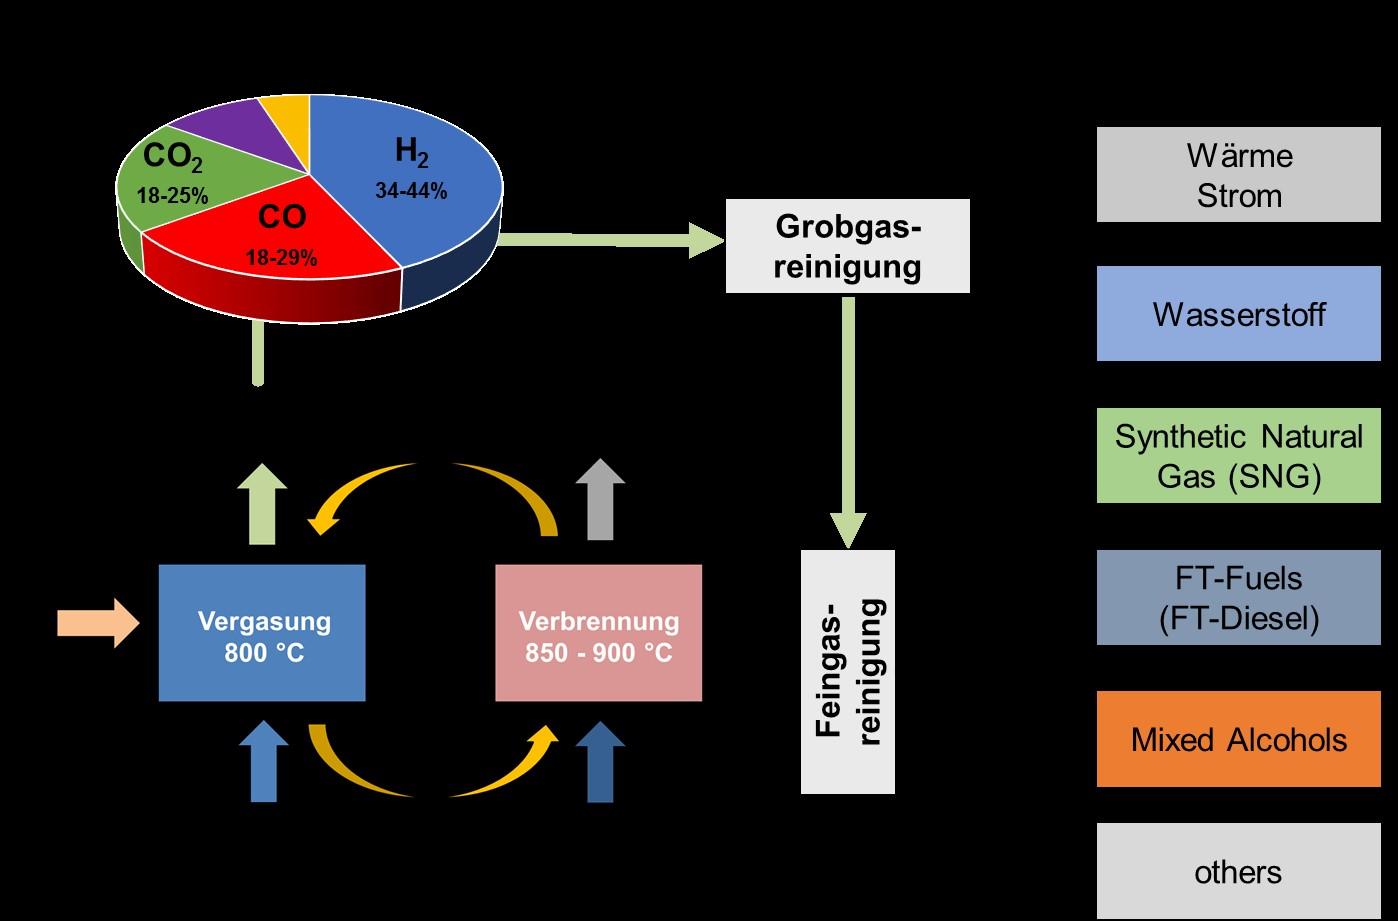 Prozesskette für die Erzeugung unterschiedlicher Energieträger auf Basis der DFB-Gaserzeugung Biomasse und biogene Reststoffe können über die DFB-Gaserzeugung, und eine Grobgasreinigung zu Wärme und Strom sowie zu Wasserstoff umgewandelt werden. Wird nach...